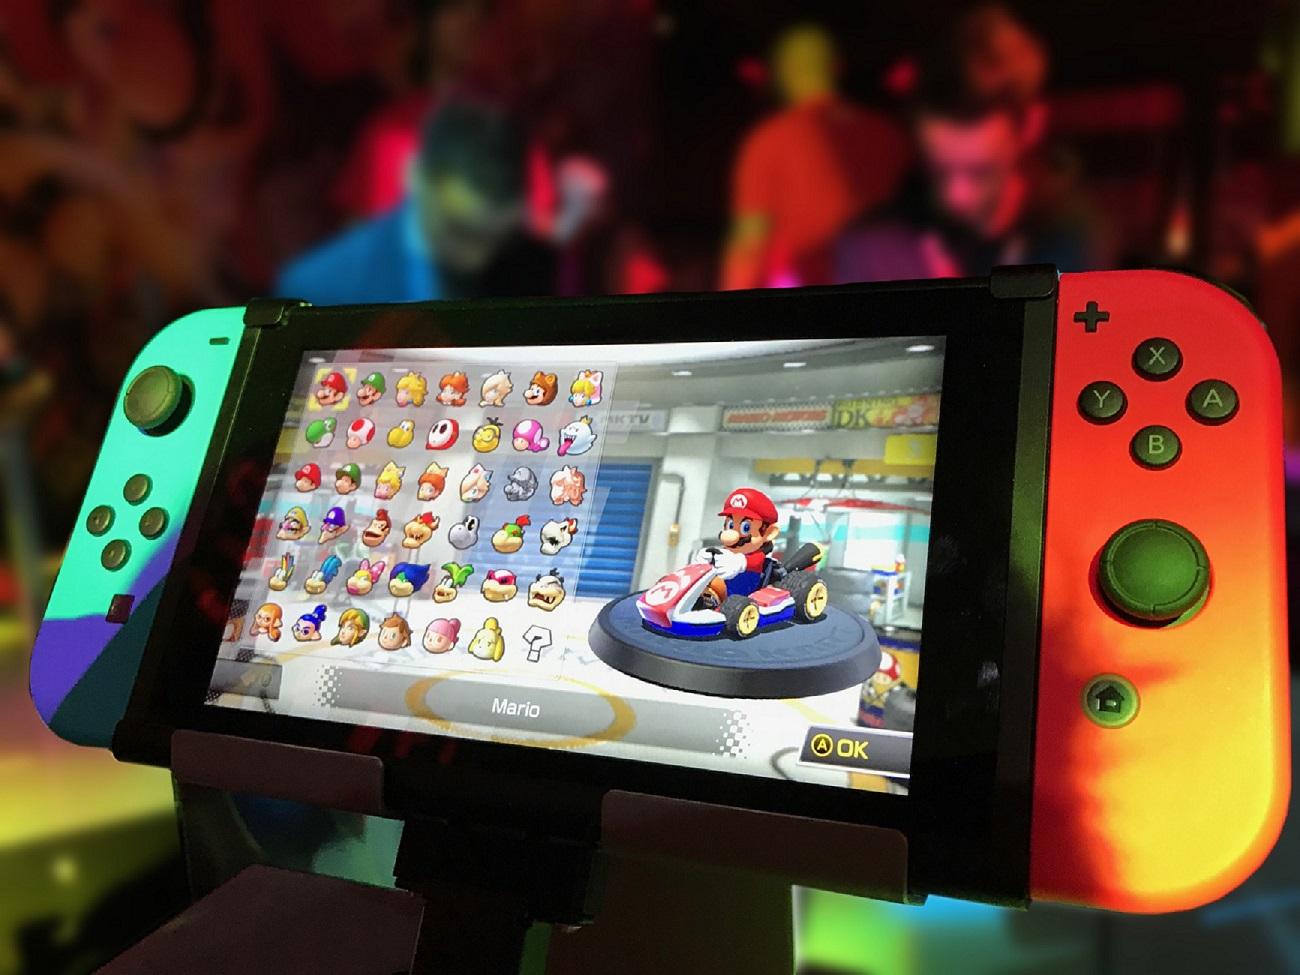 Game des Monats März: Wir feiern zwei Jahre Nintendo Switch!